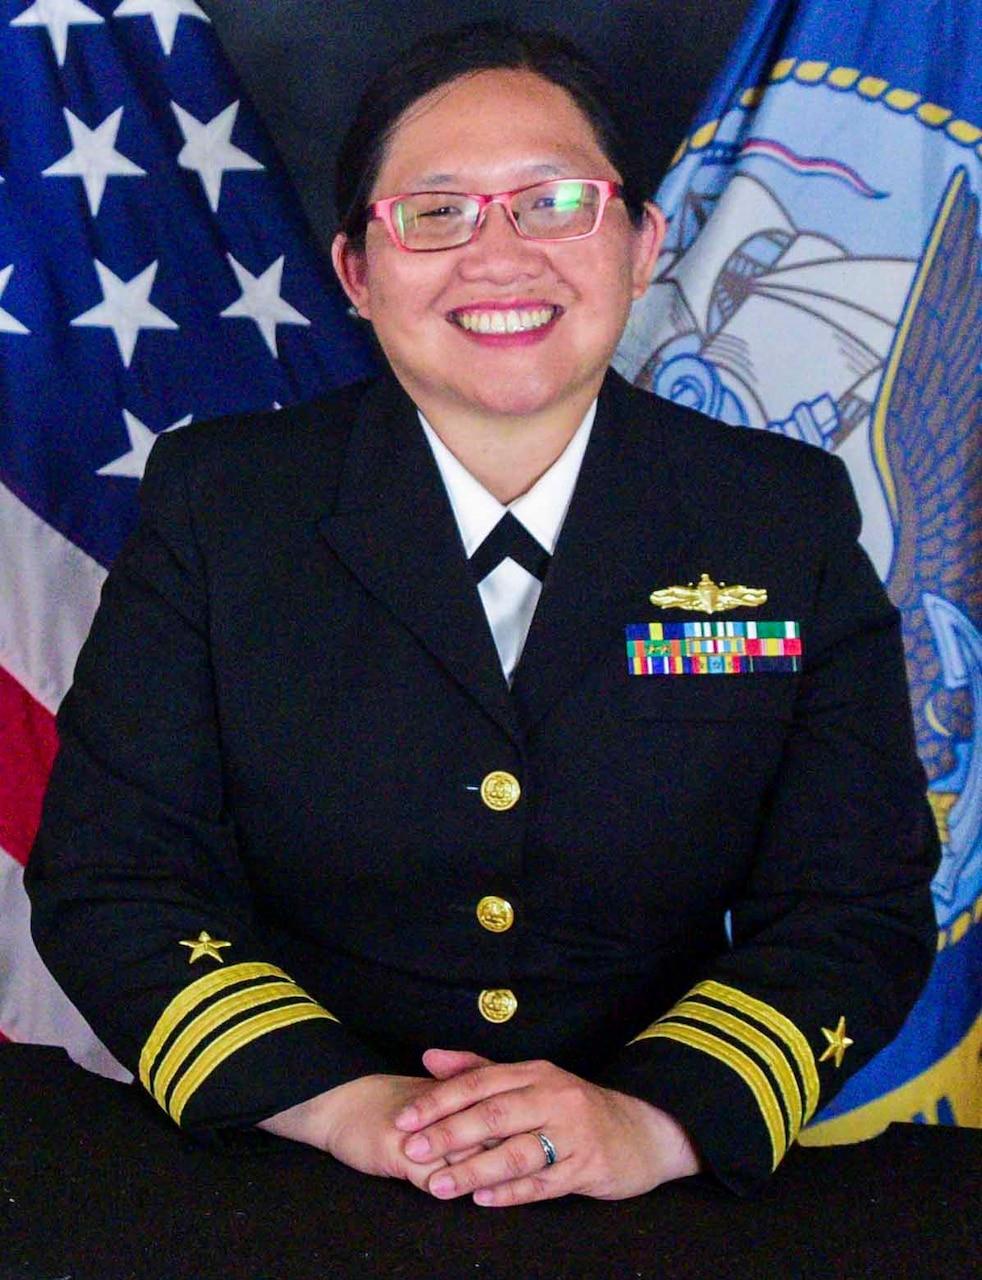 CDR Alyssa Armstrong